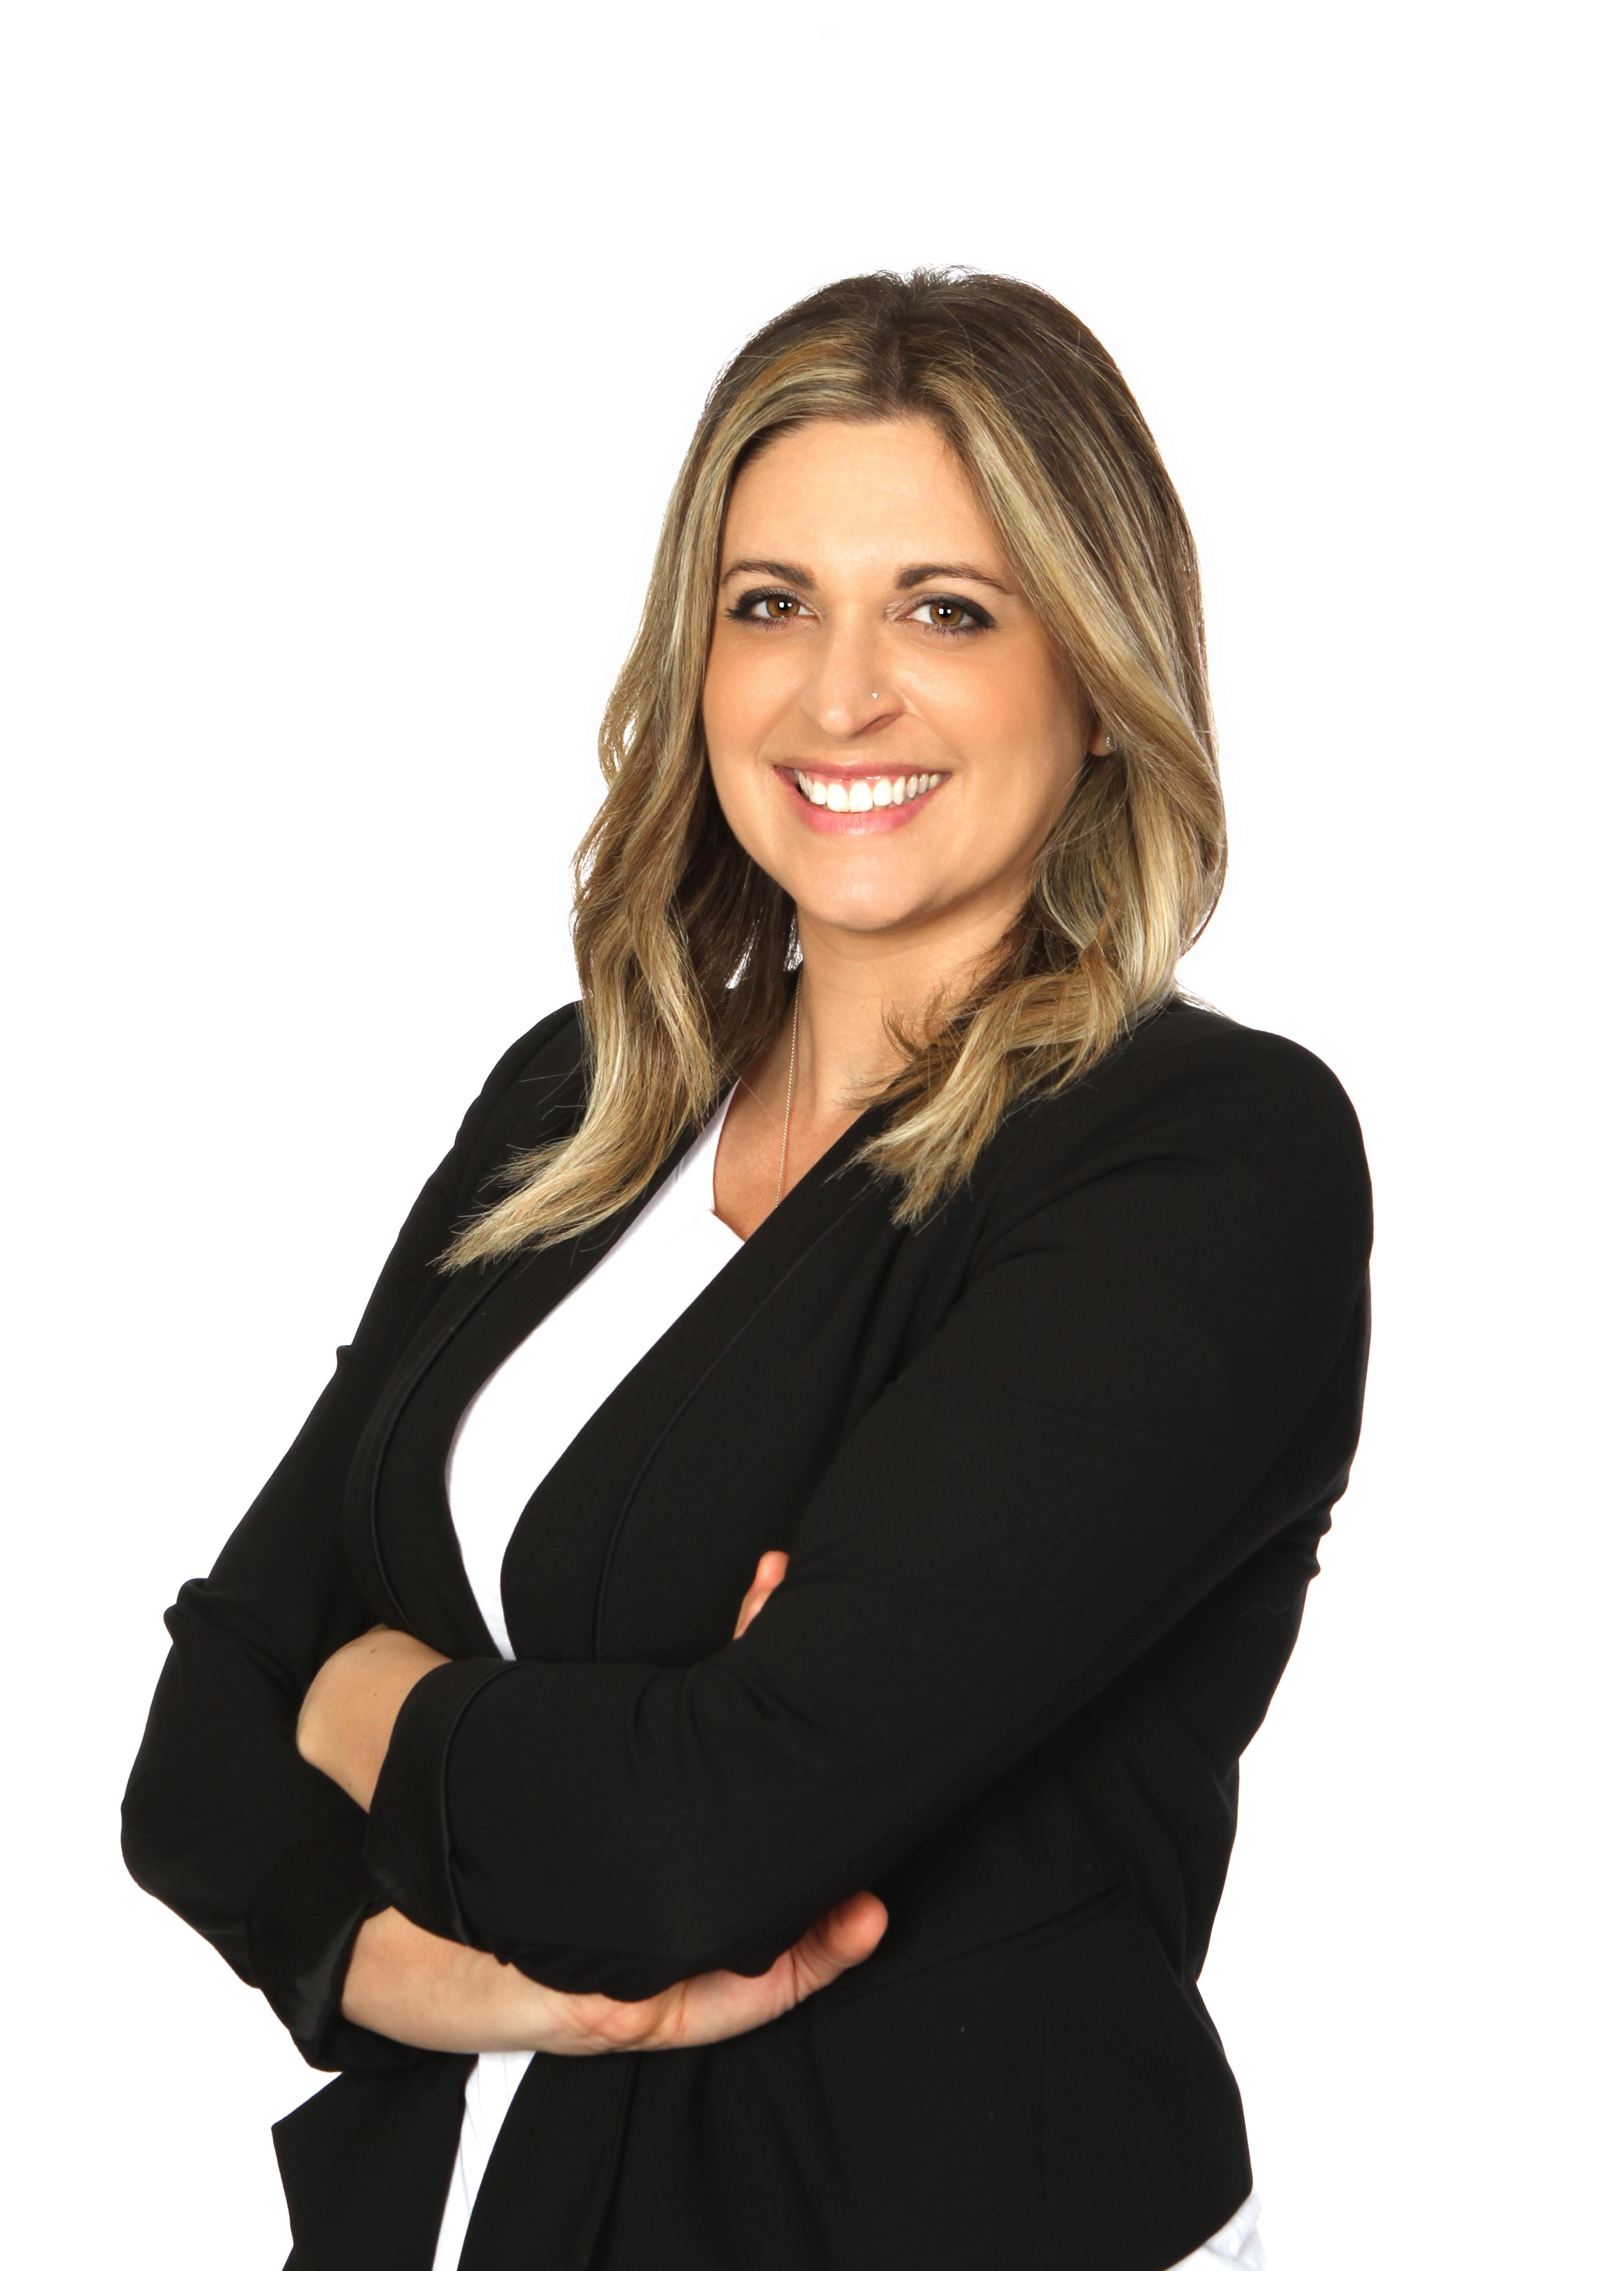 Nikki Hartman